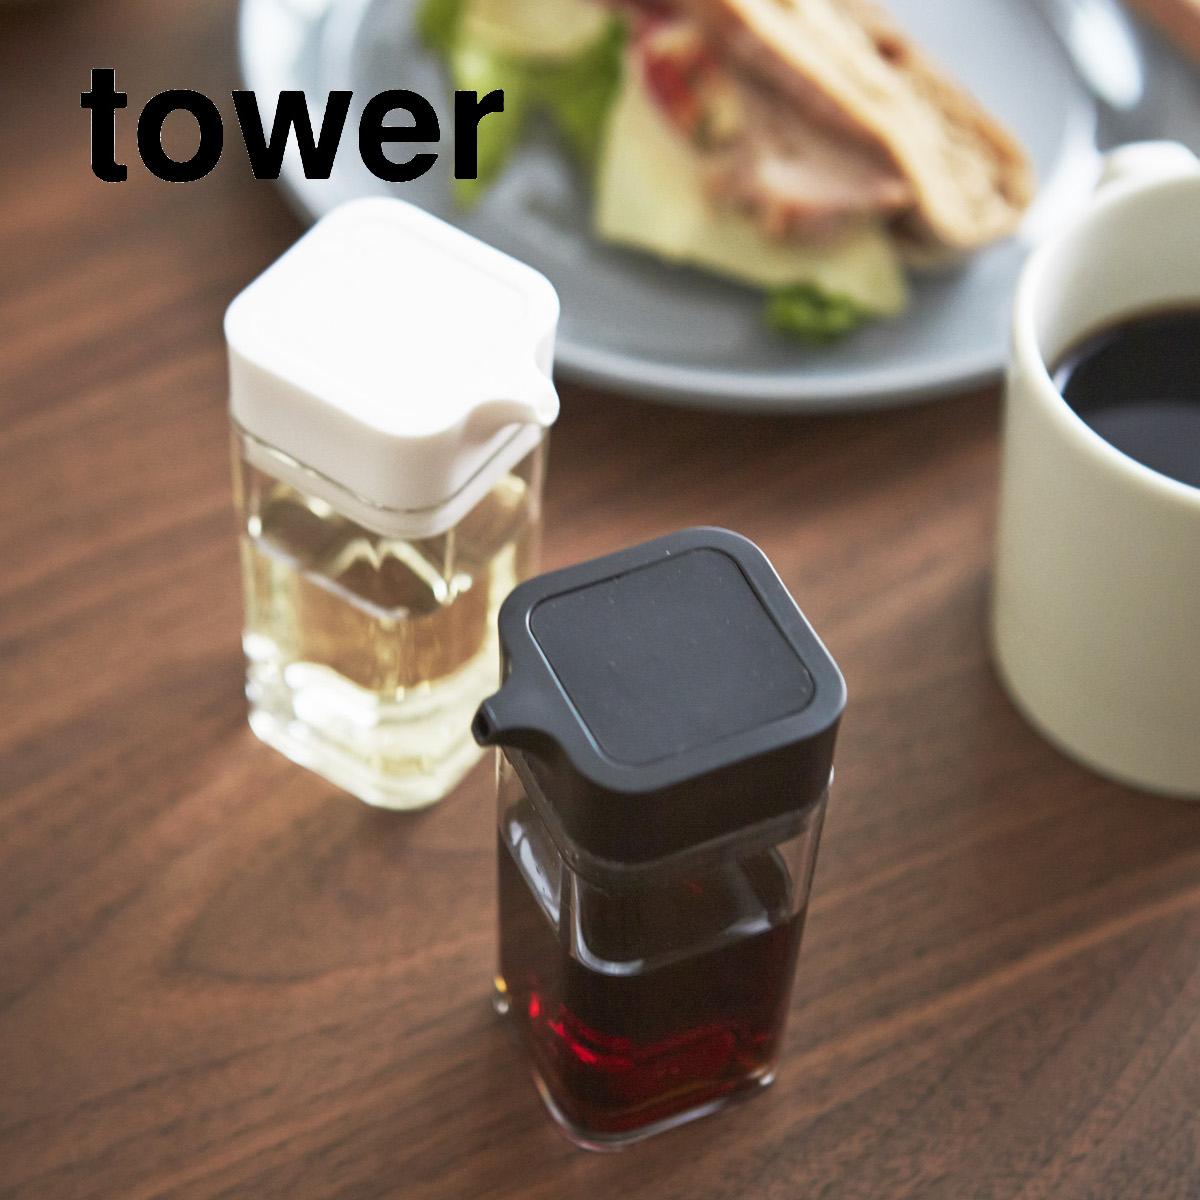 【tower】プッシュ式醤油差し タワー ホワイト ブラック